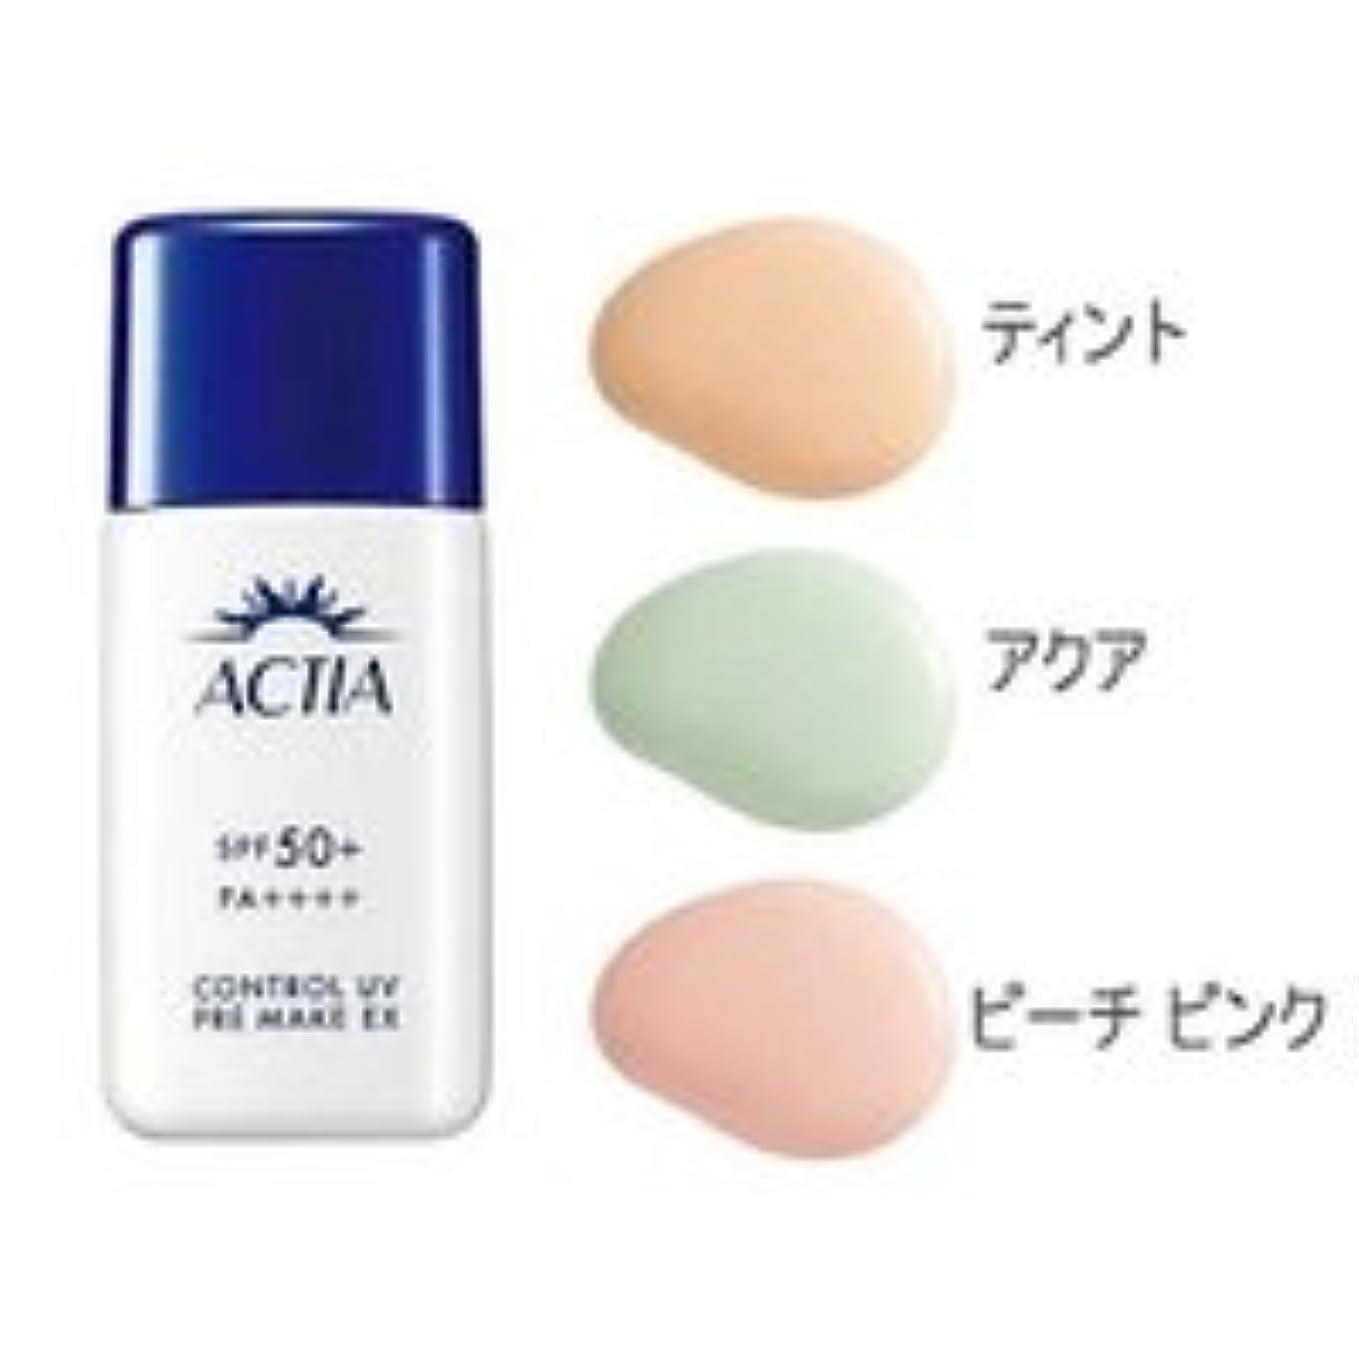 宴会即席不快エイボン (AVON) アクティア コントロール UV プレメイク EX 30ml (ティント)